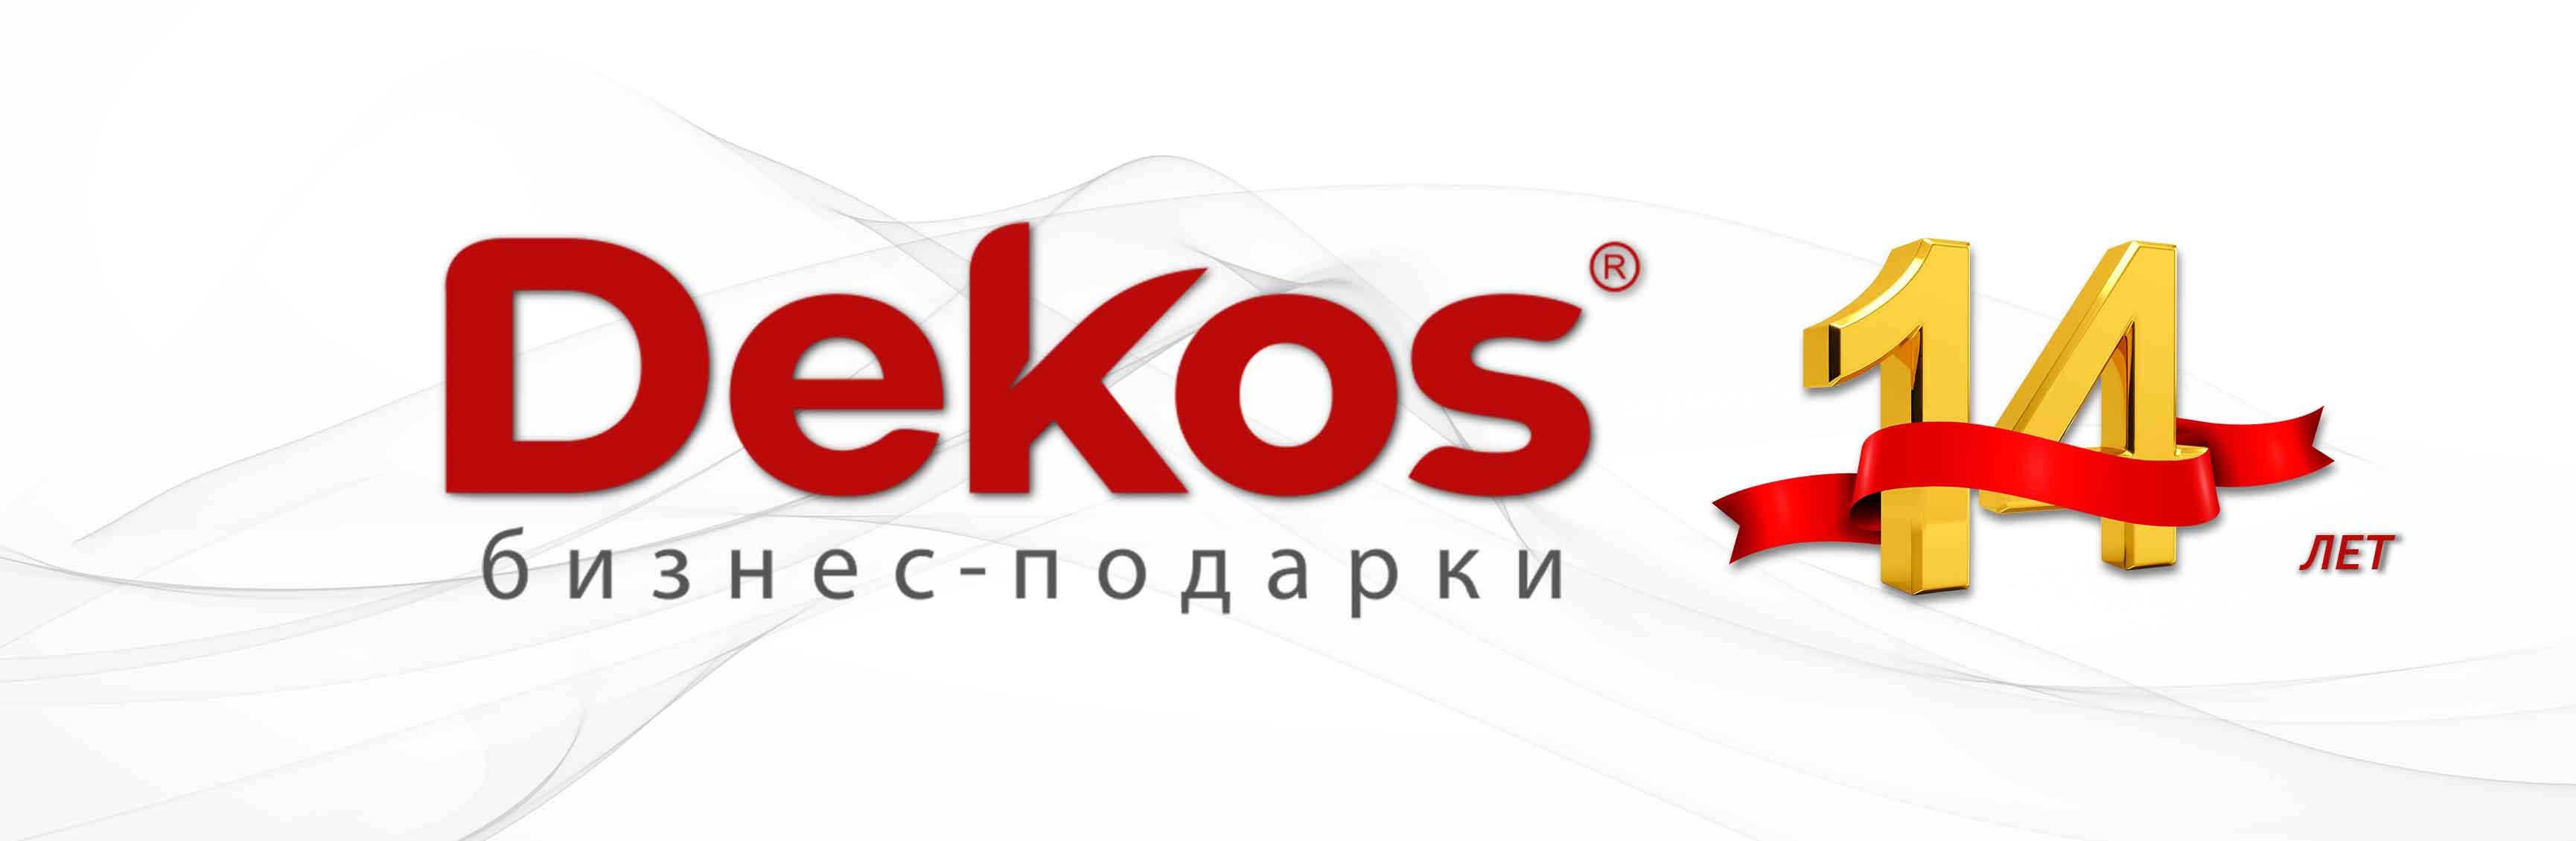 Dekos 14 лет